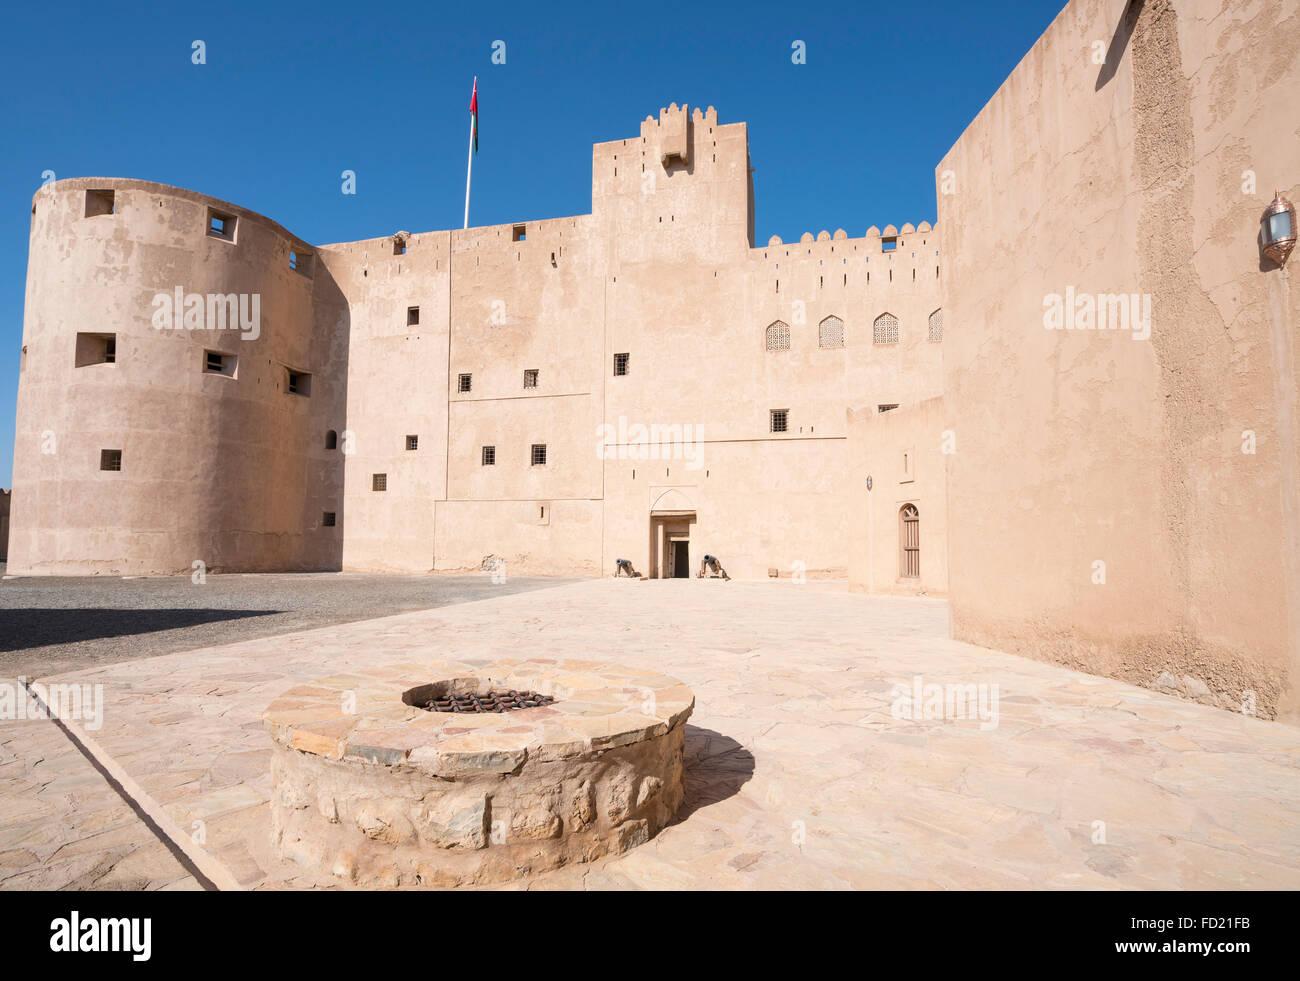 Vista esterna del centro storico il Forte Jabrin in Oman Immagini Stock